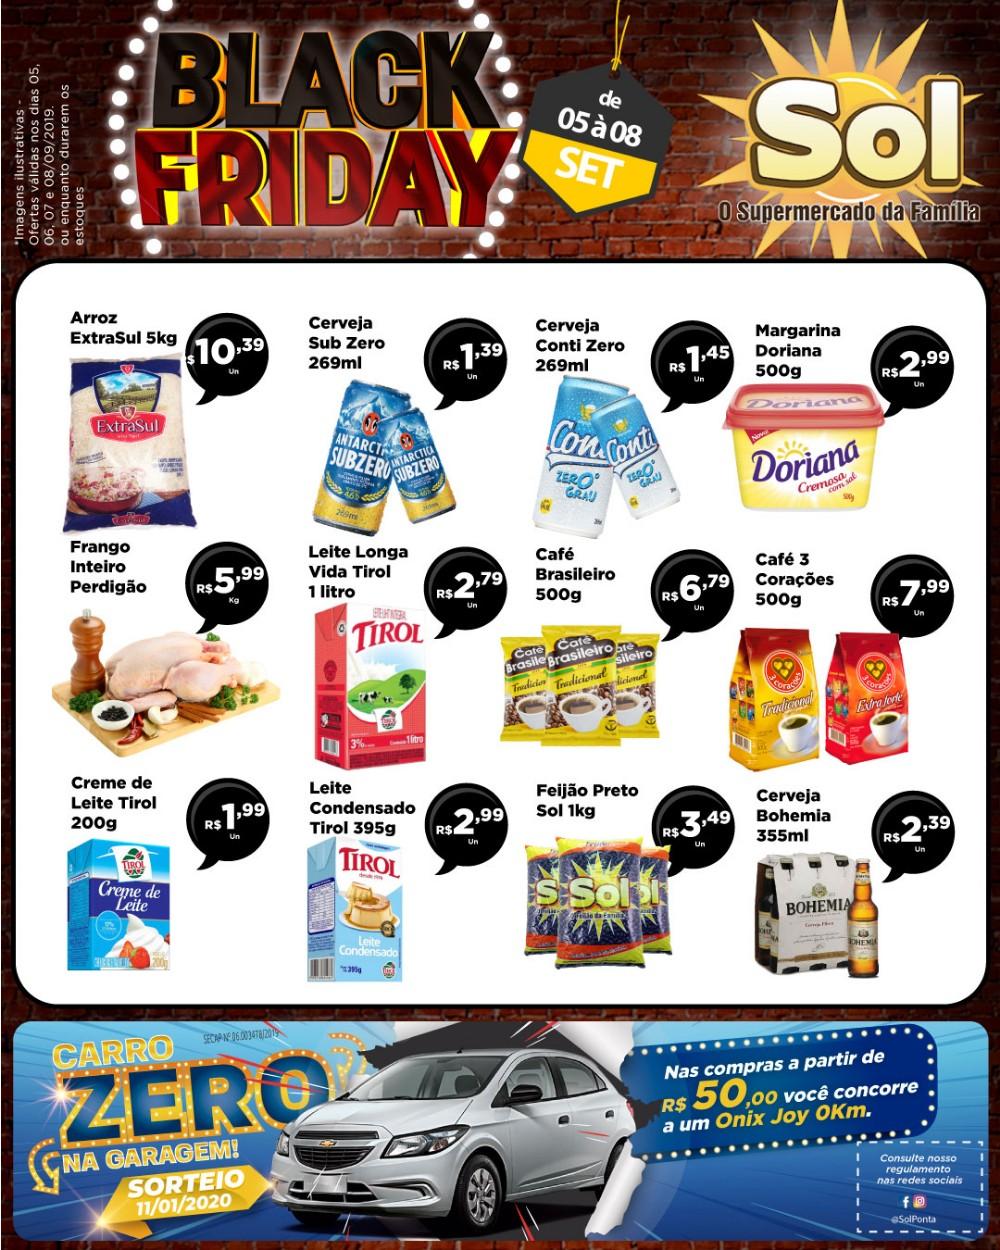 Façam suas compras no Black Friday do Supermercado Sol e concorra a um carro 0Km